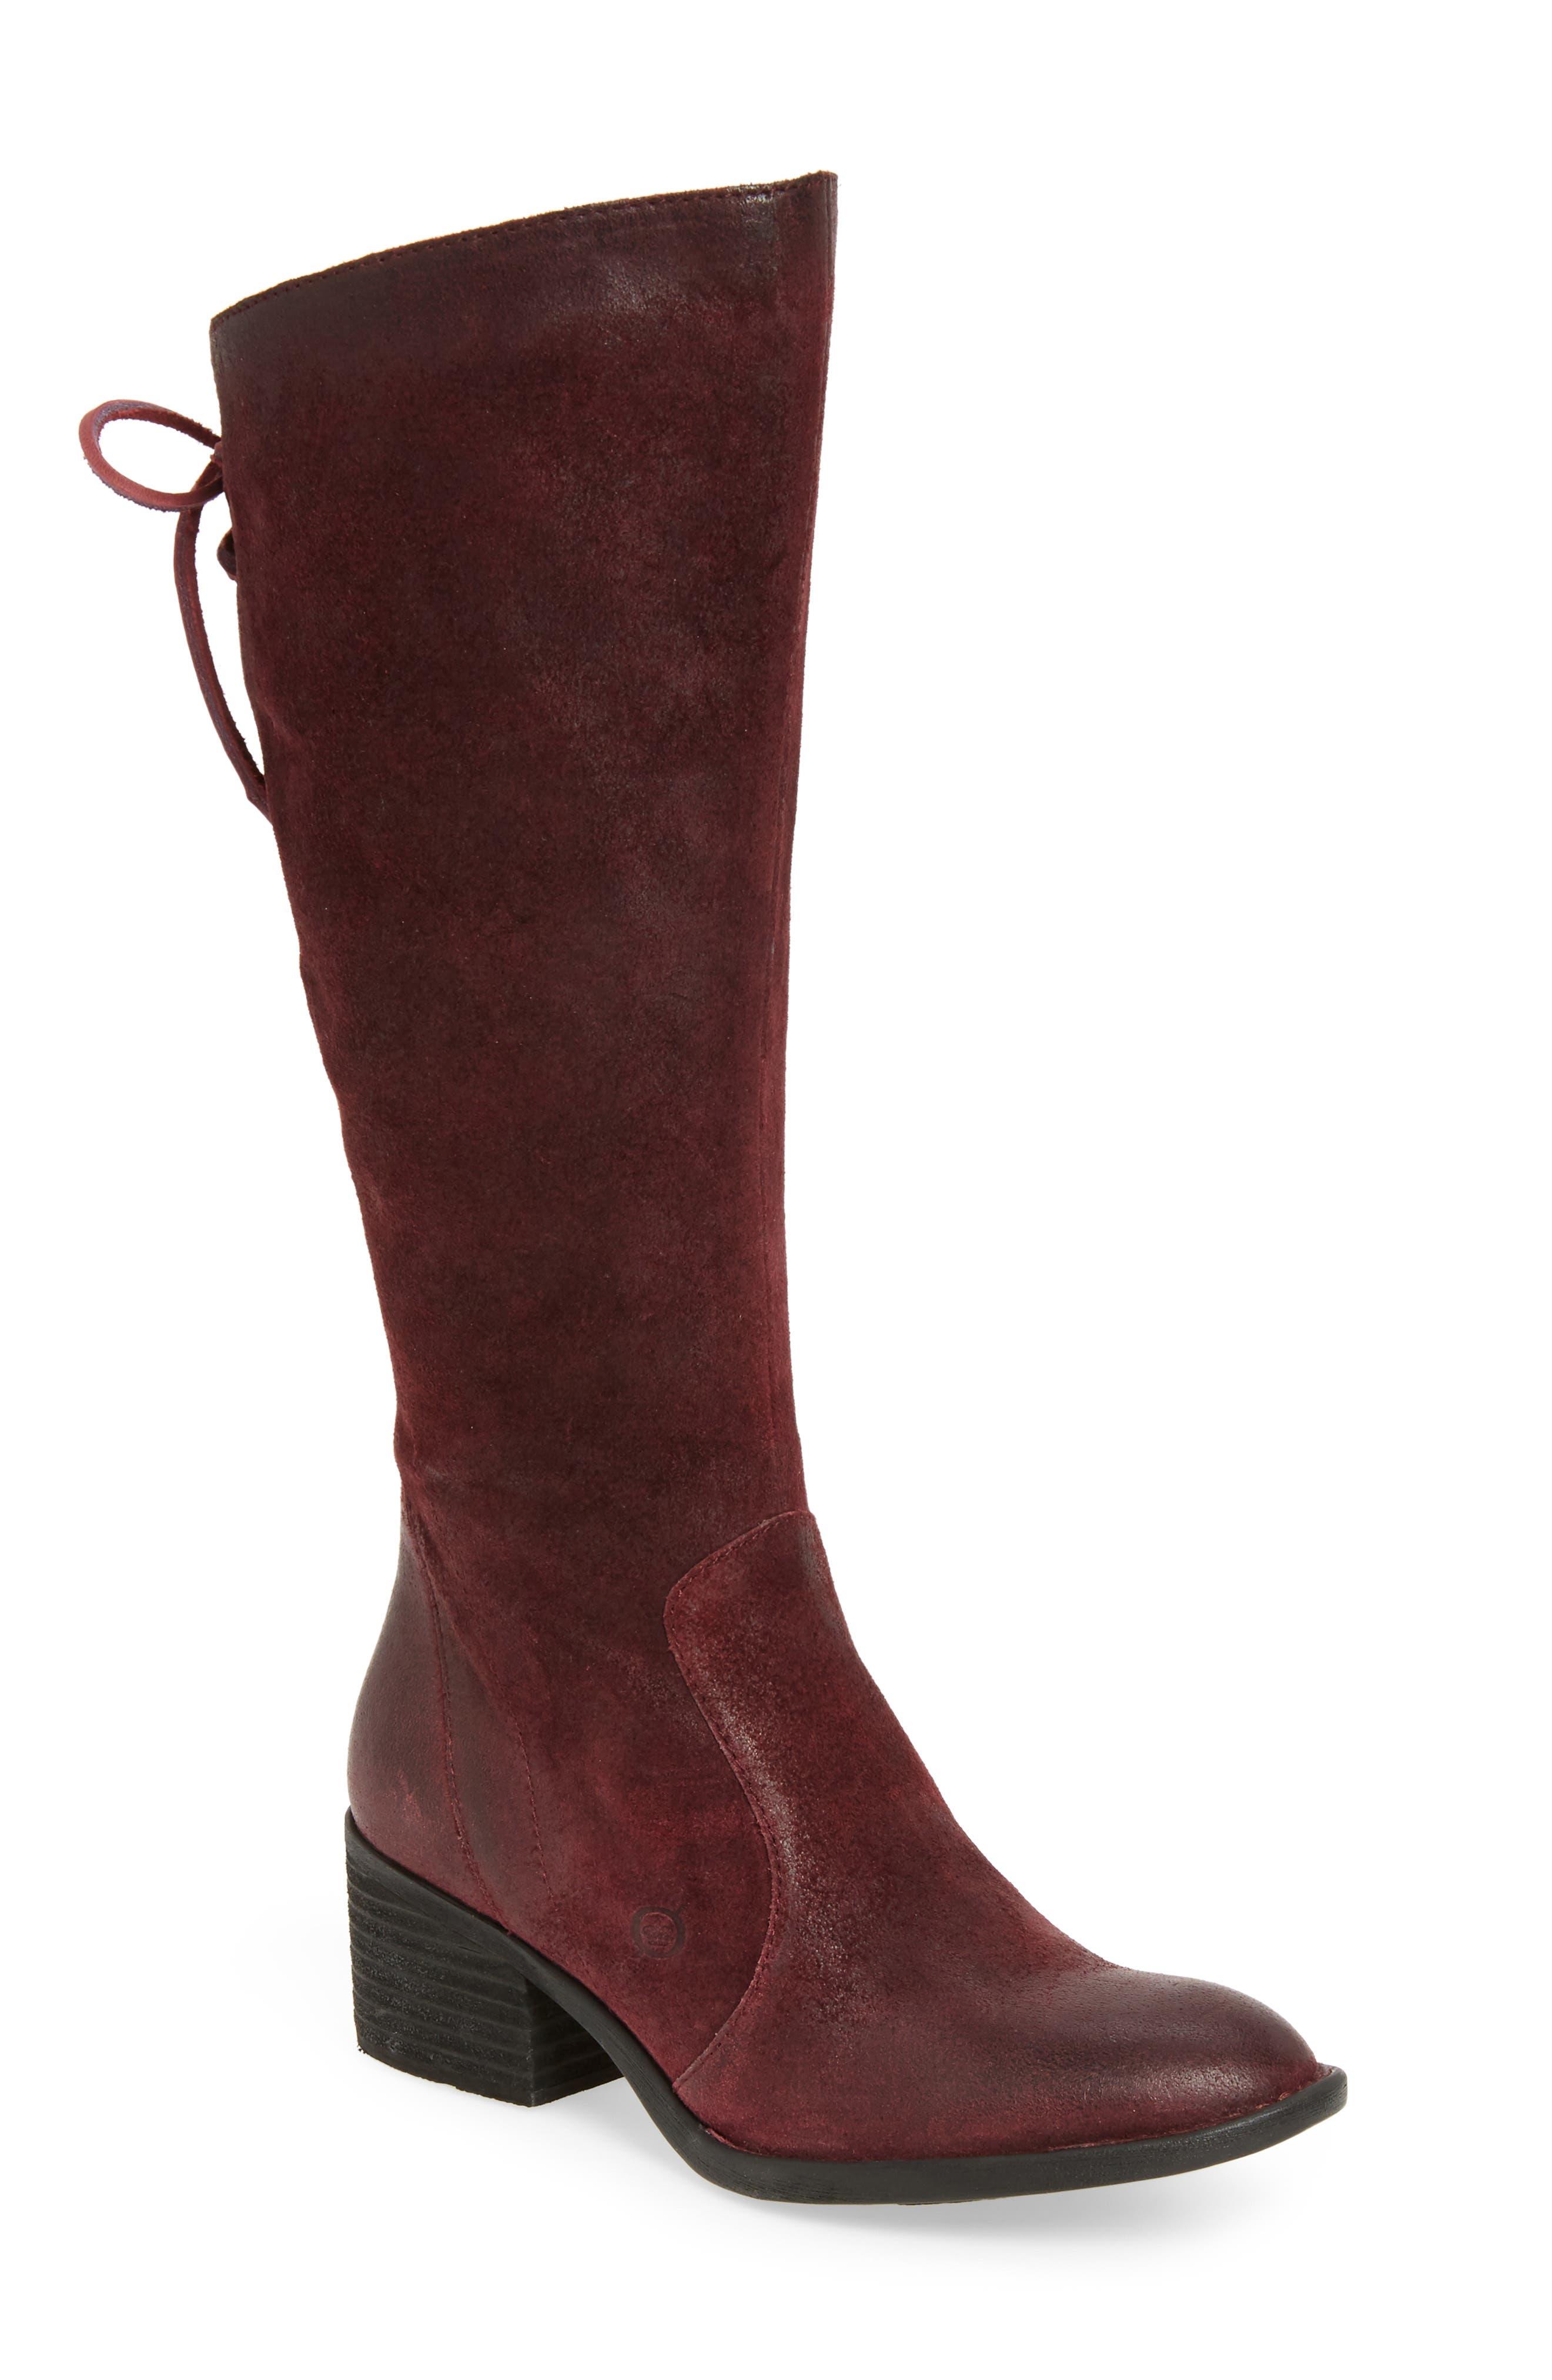 Main Image - Børn Felicia Knee High Boot (Women) (Regular & Wide Calf)